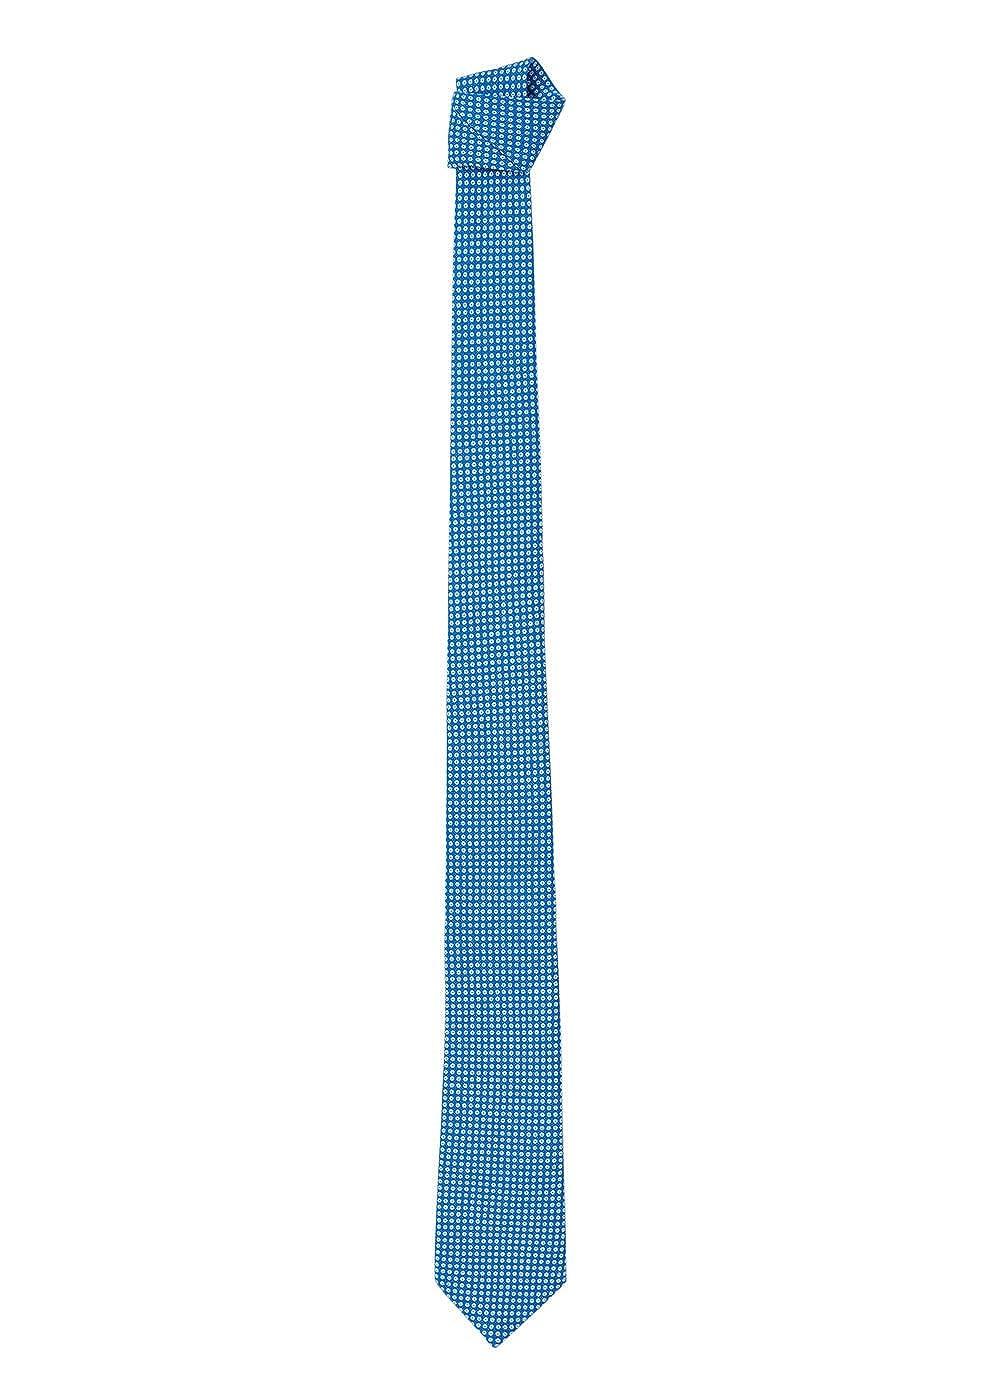 MANGO MAN -Corbata de lunares de seda Hombre Azul azul Talla única ...